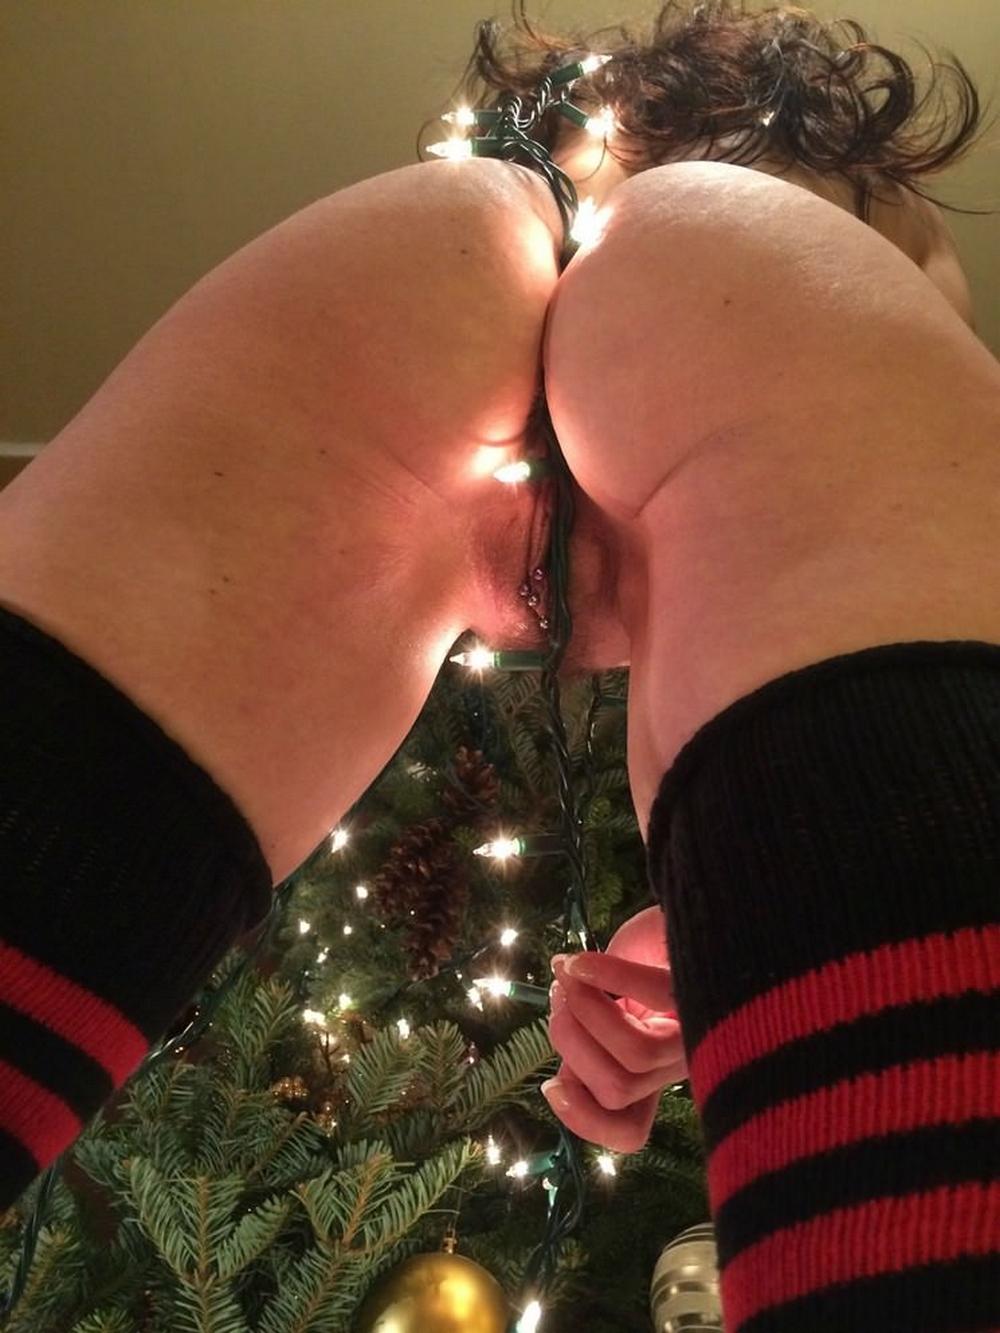 Дамочка в полосатых чулках селфится голышом у елки 9 фото